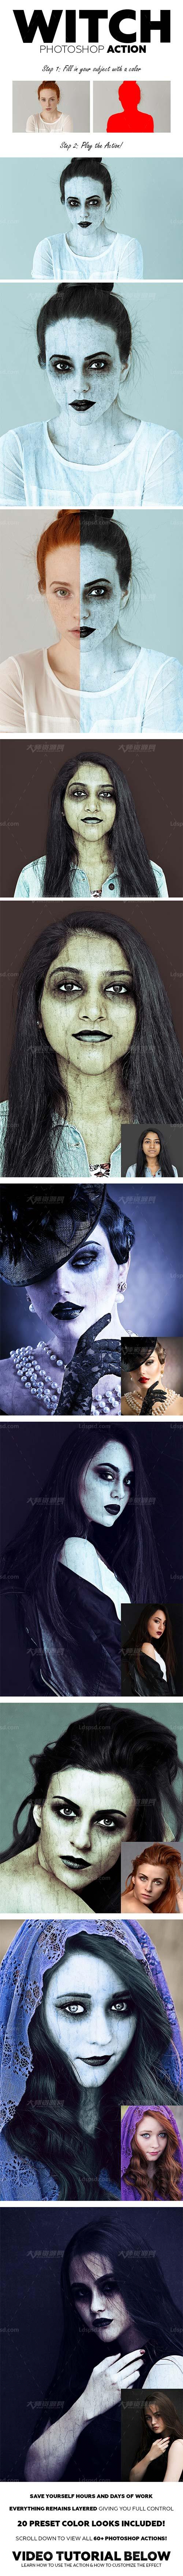 极品PS动作-生化女巫(含高清视频教程):Witch Photoshop Action